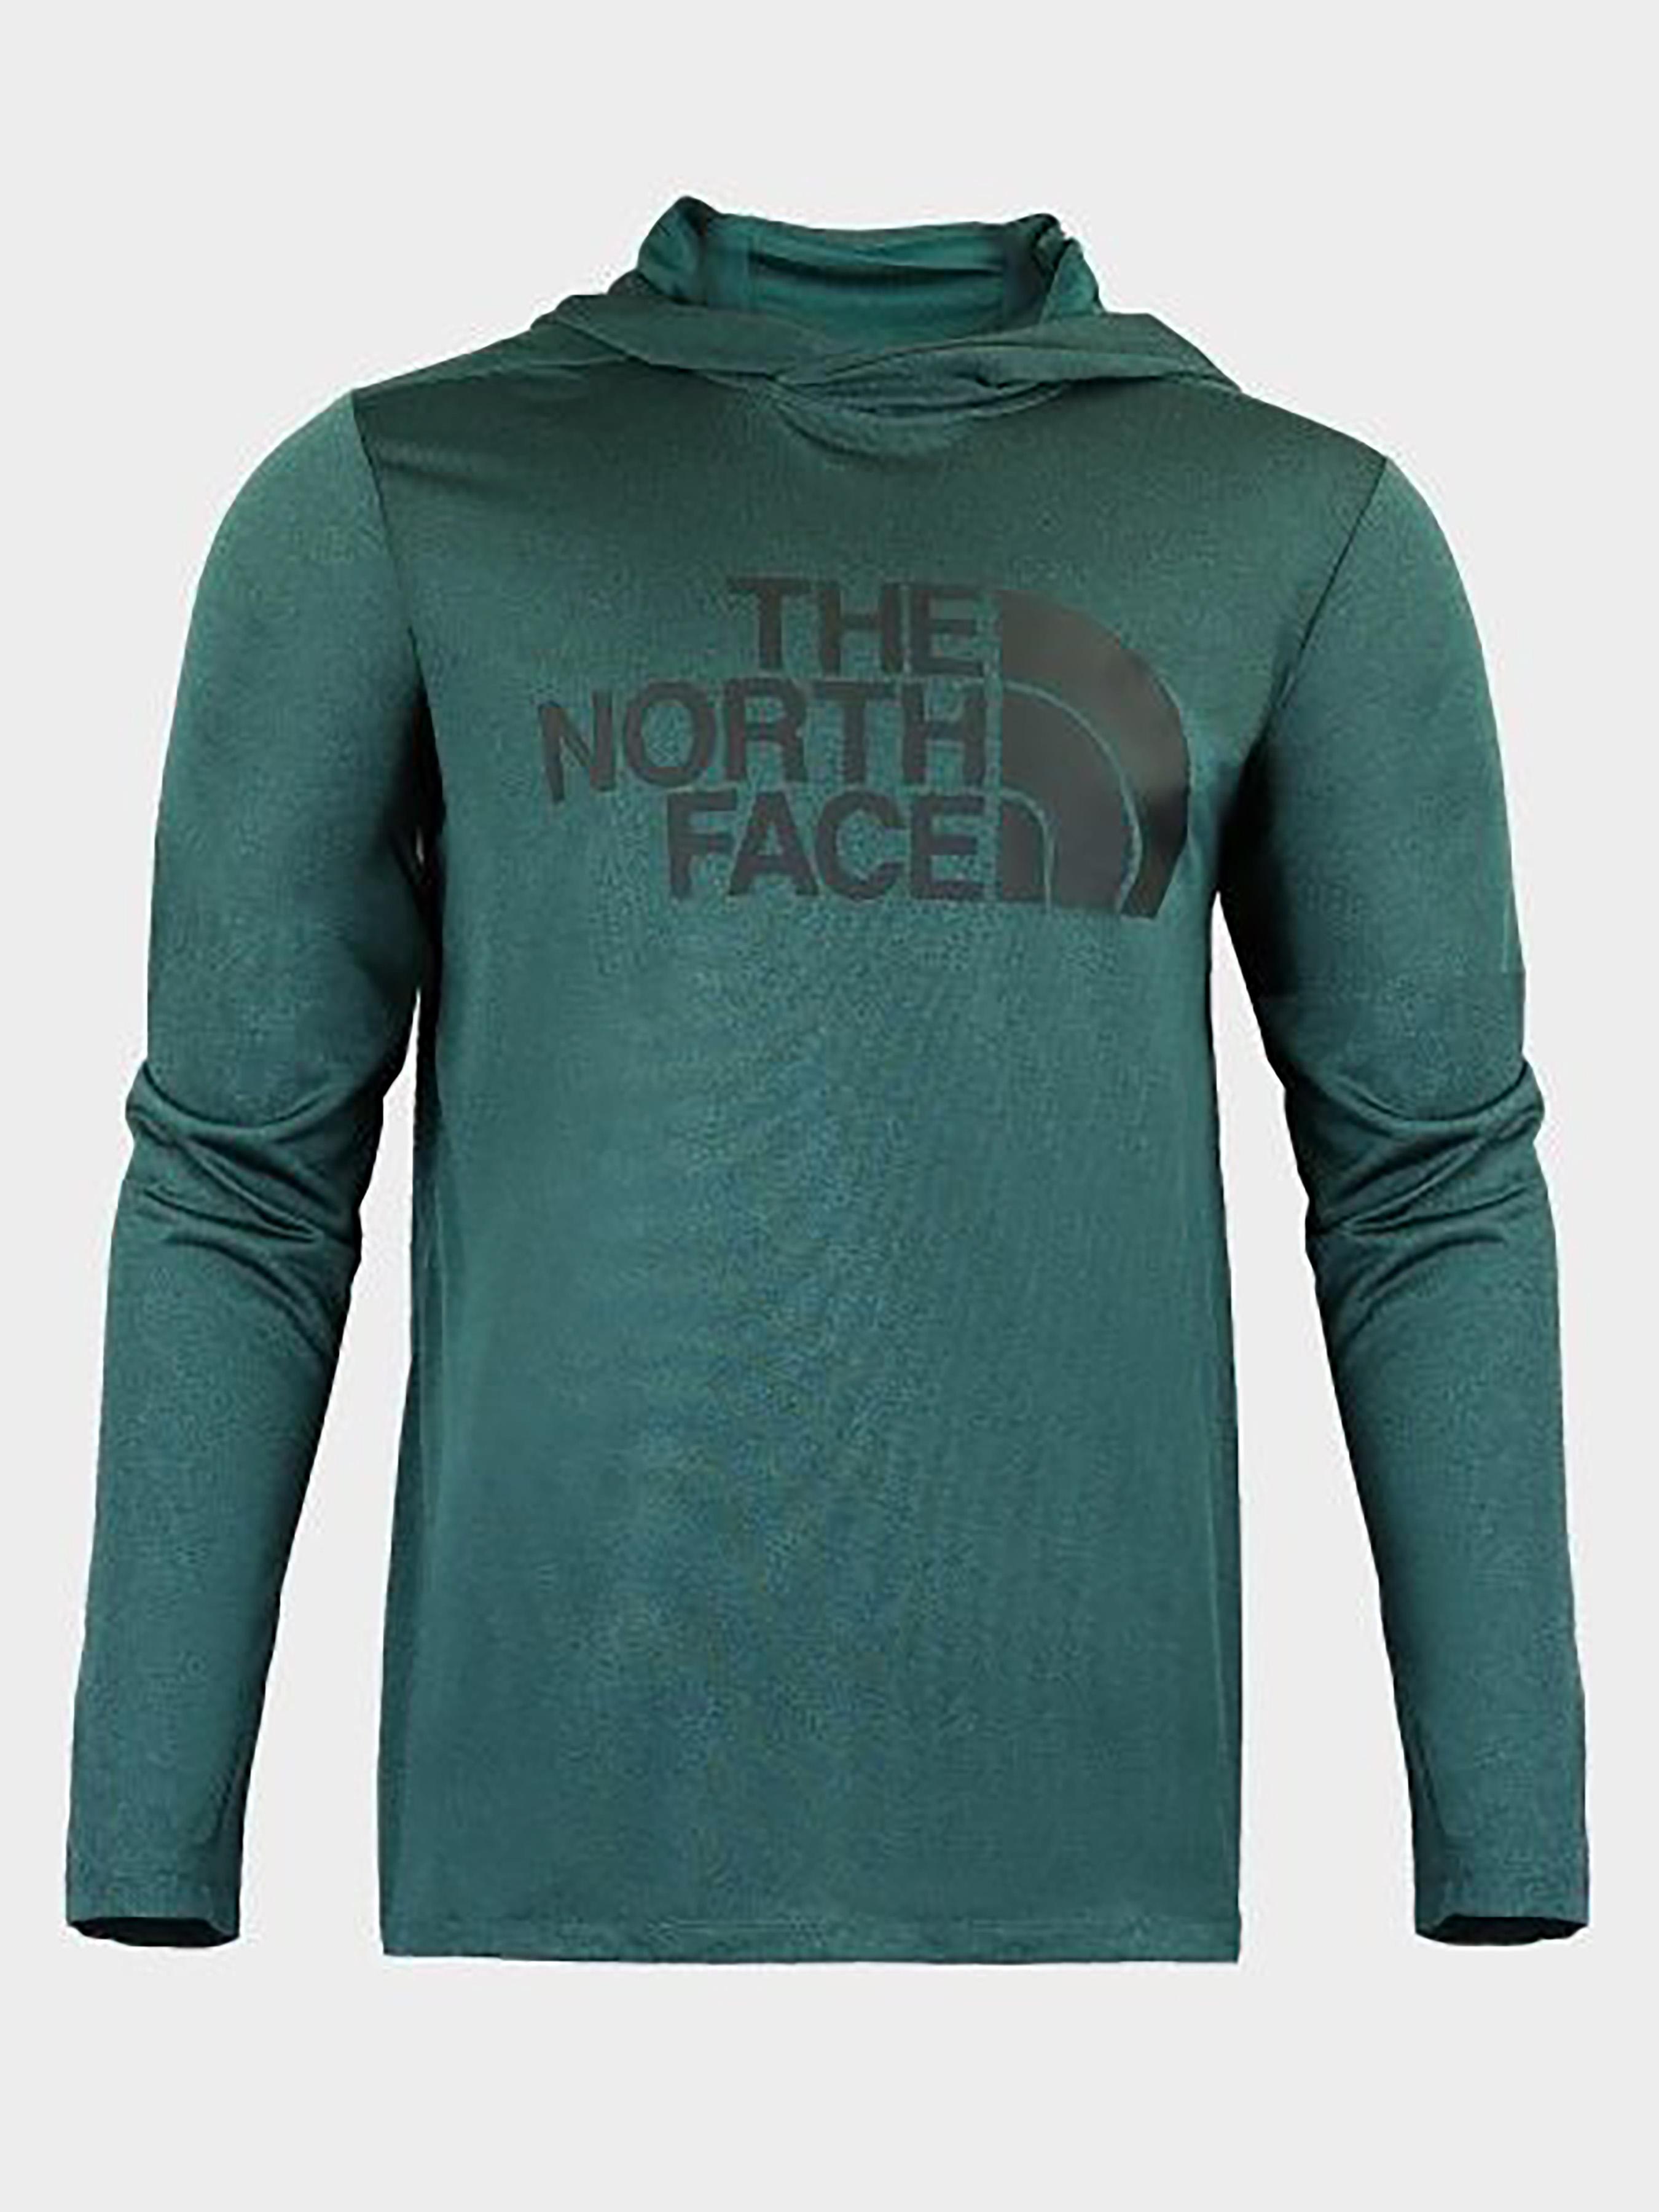 The North Face Кофти та светри чоловічі модель NF0A3YHFDW21 купити, 2017